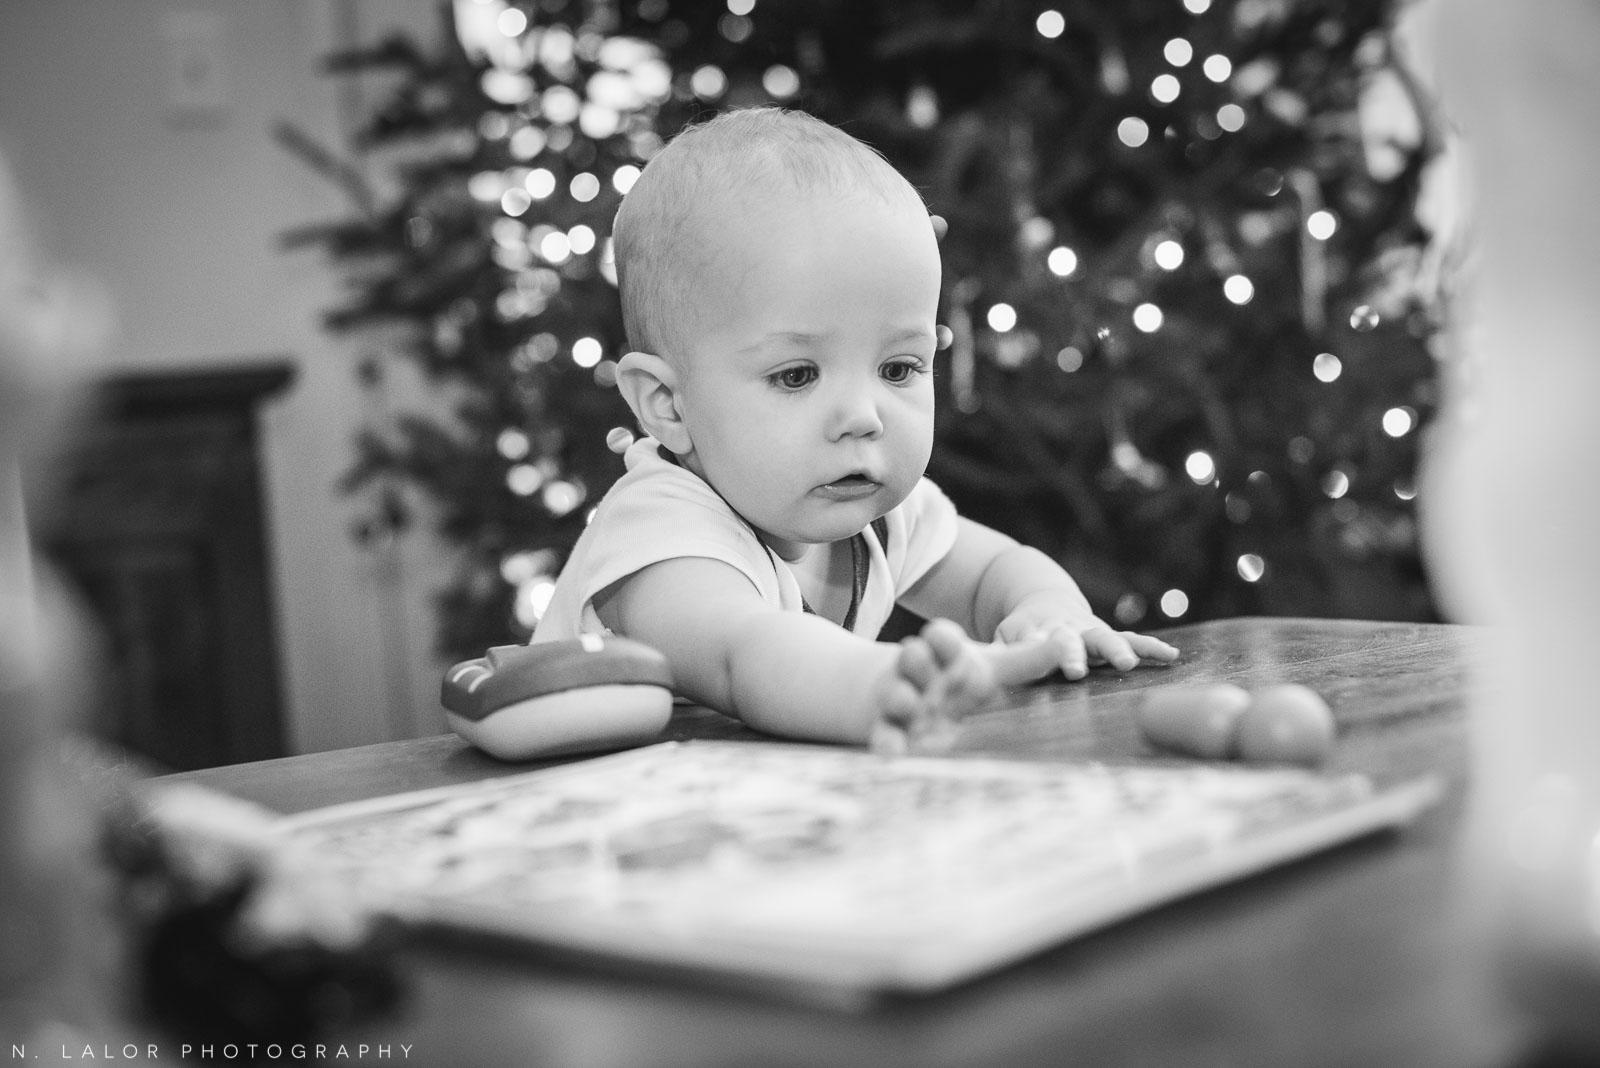 nlalor-photography-2014-christmas-morning-11.jpg